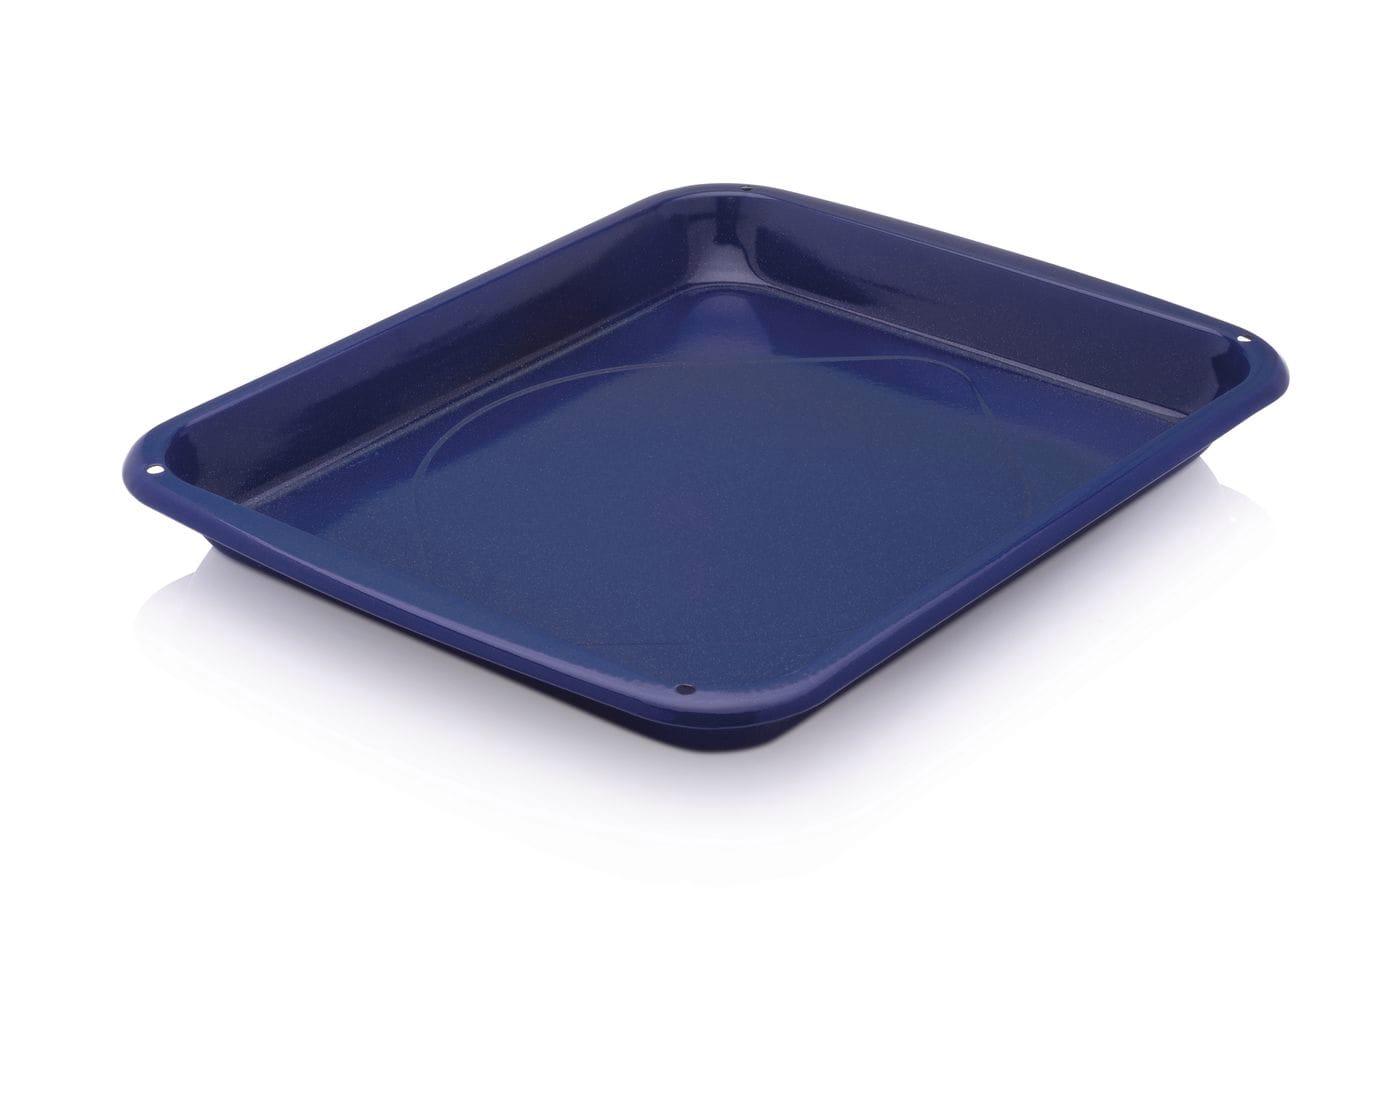 Electrolux Broiler Pan - Cobalt Blue